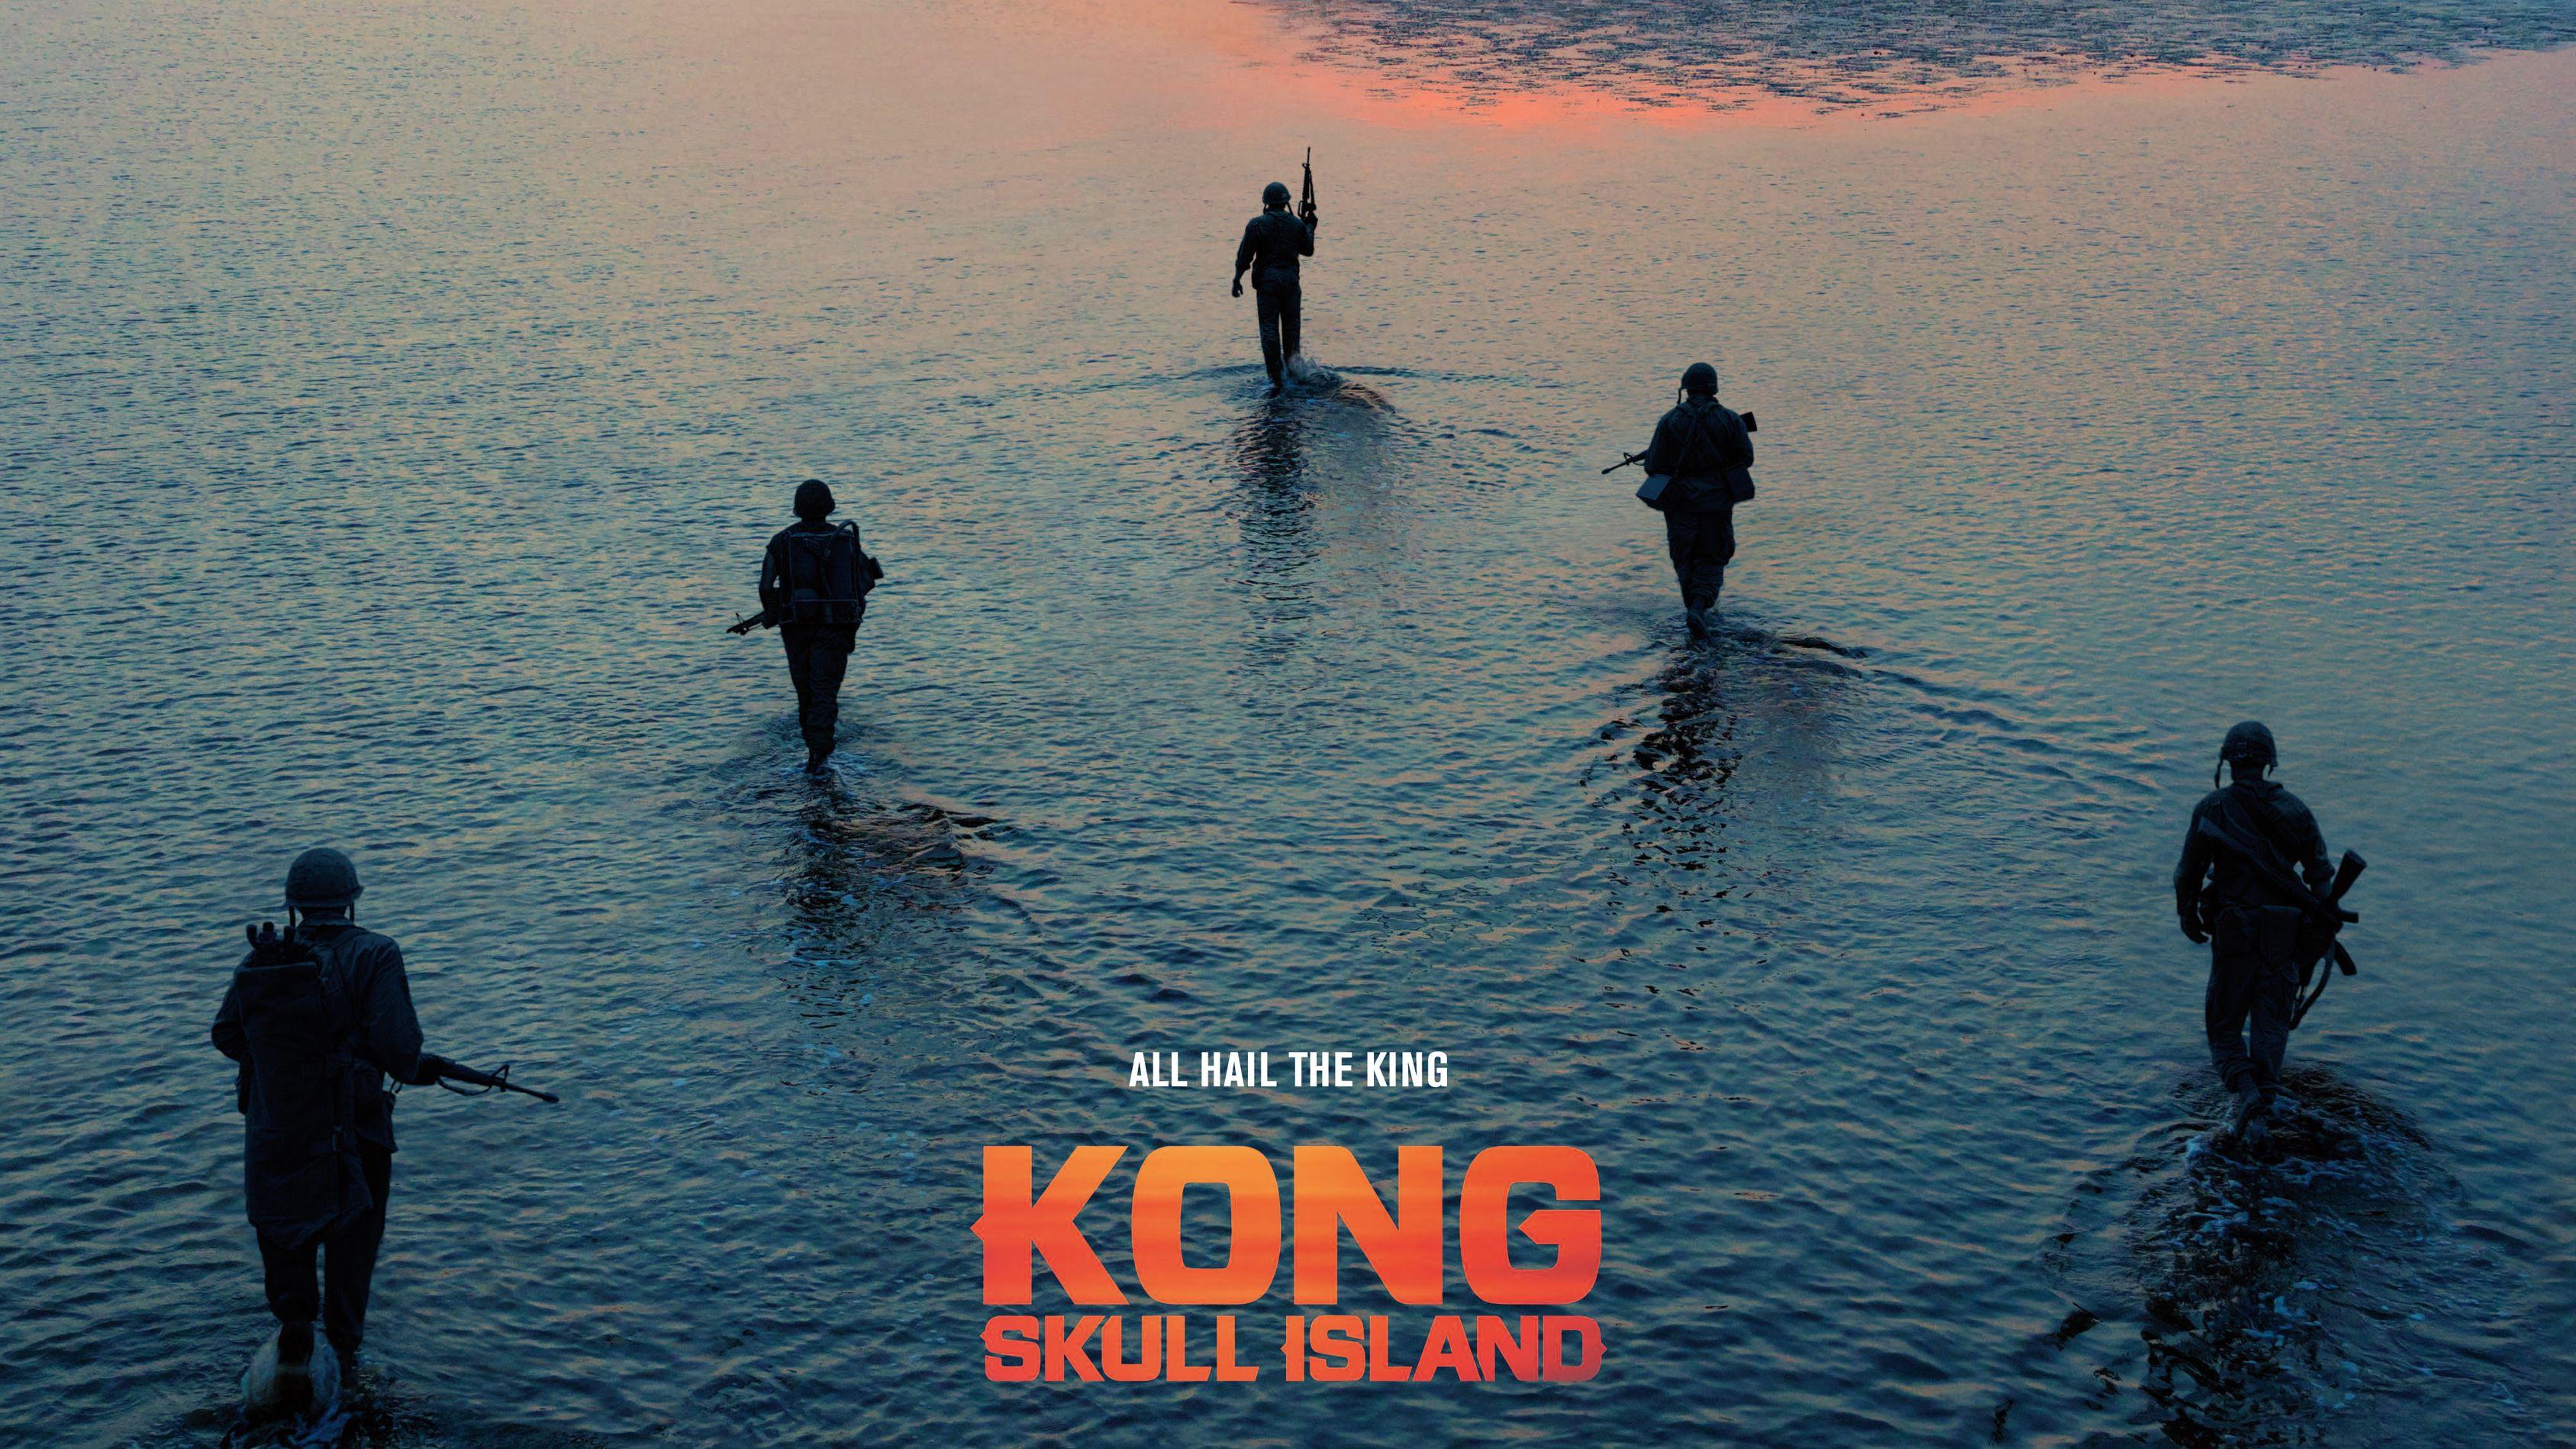 king kong 2017 movie free download